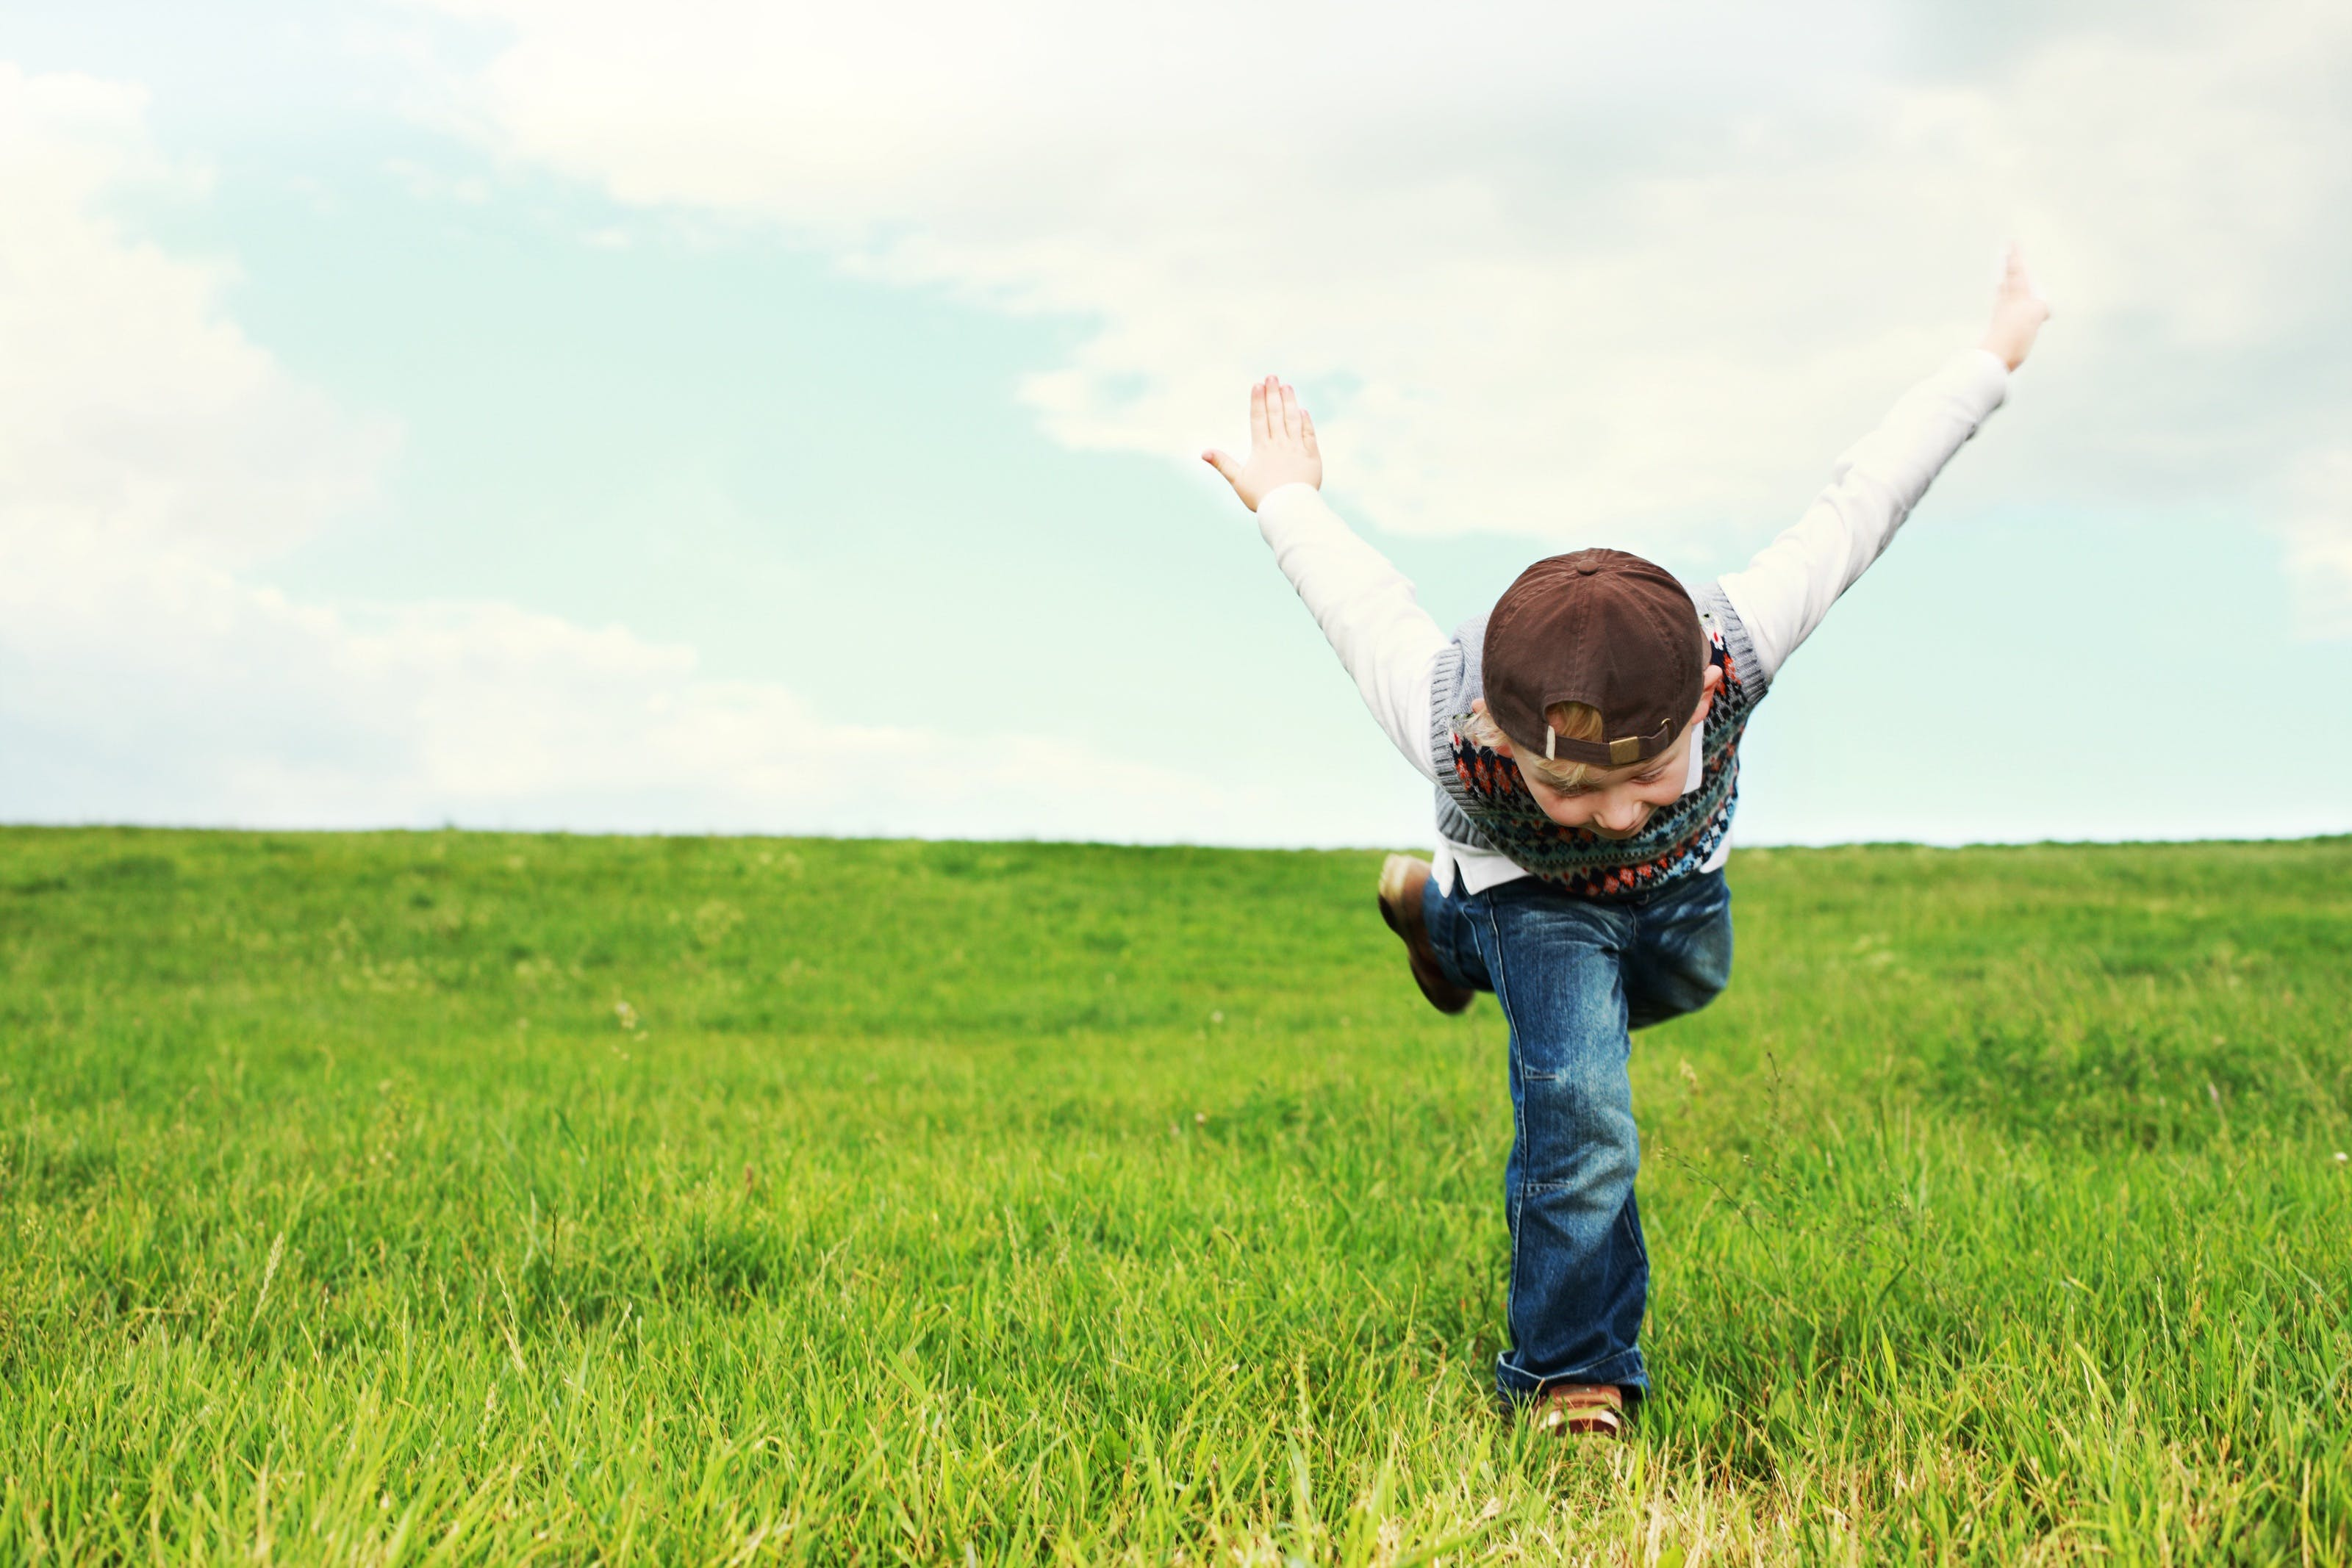 人, 兒童, 喜悅, 小孩 的 免费素材照片